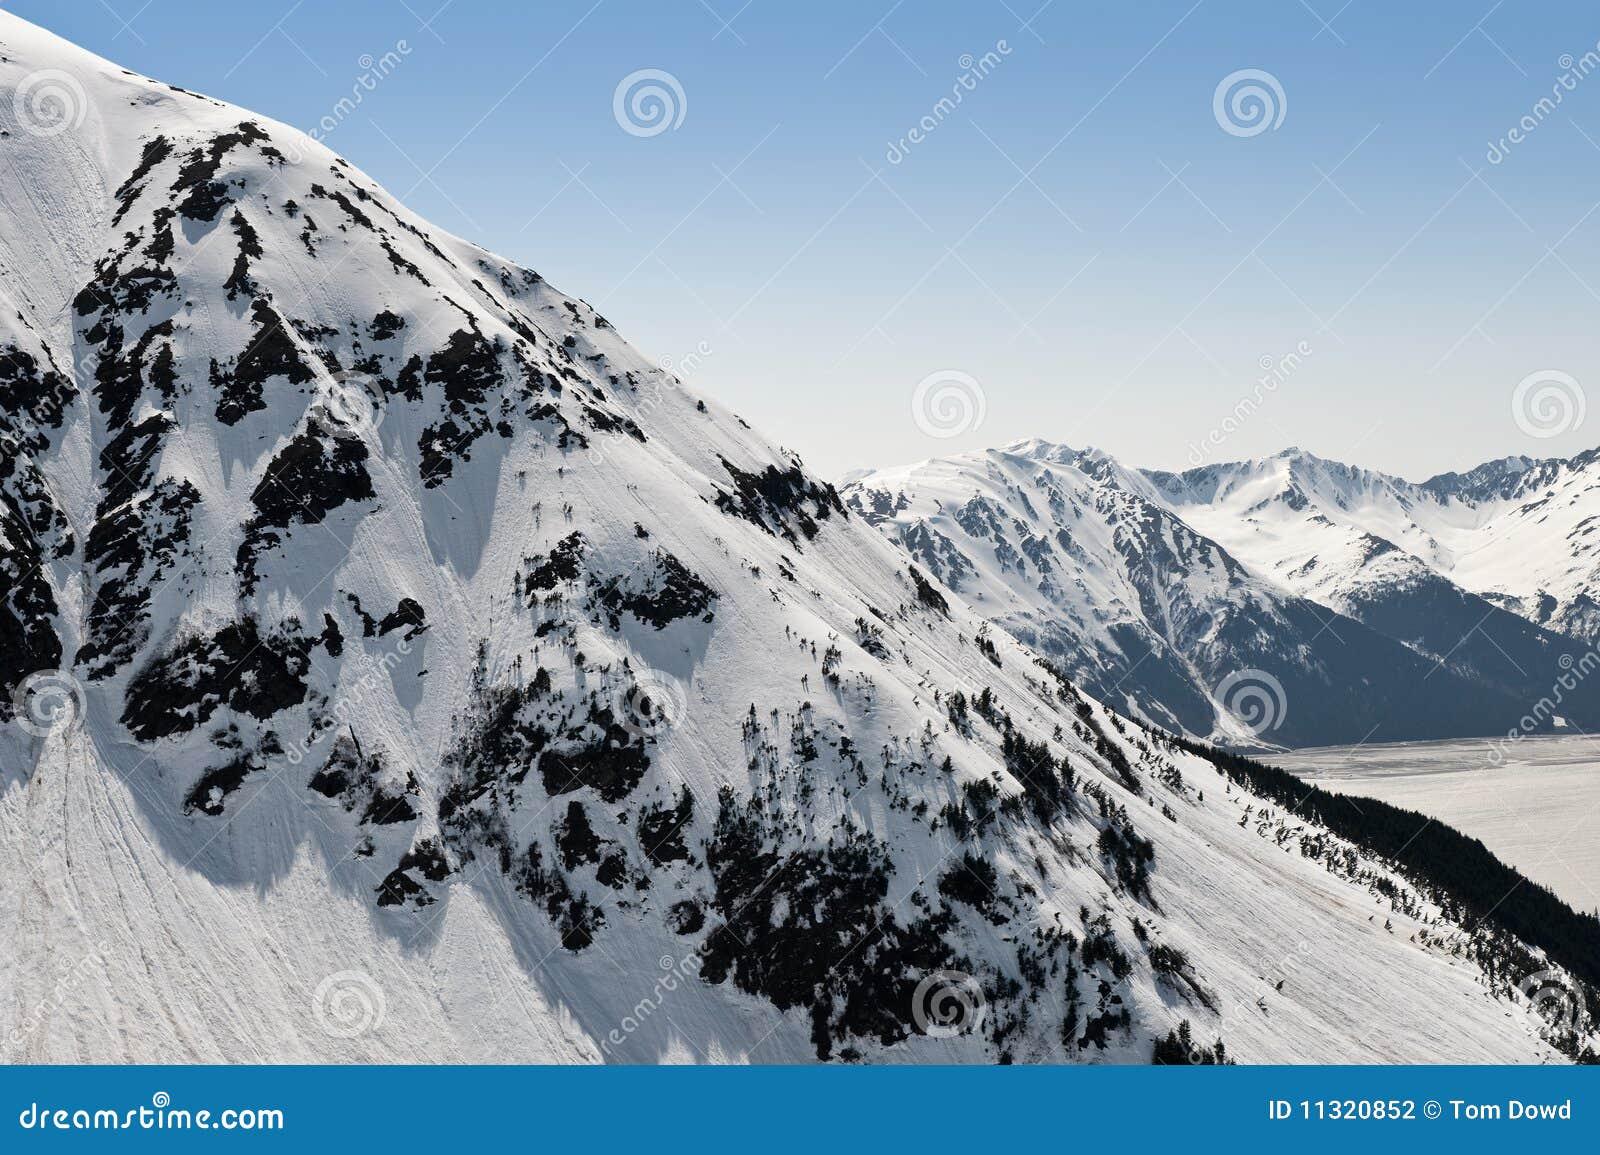 Alaskische Gletscher